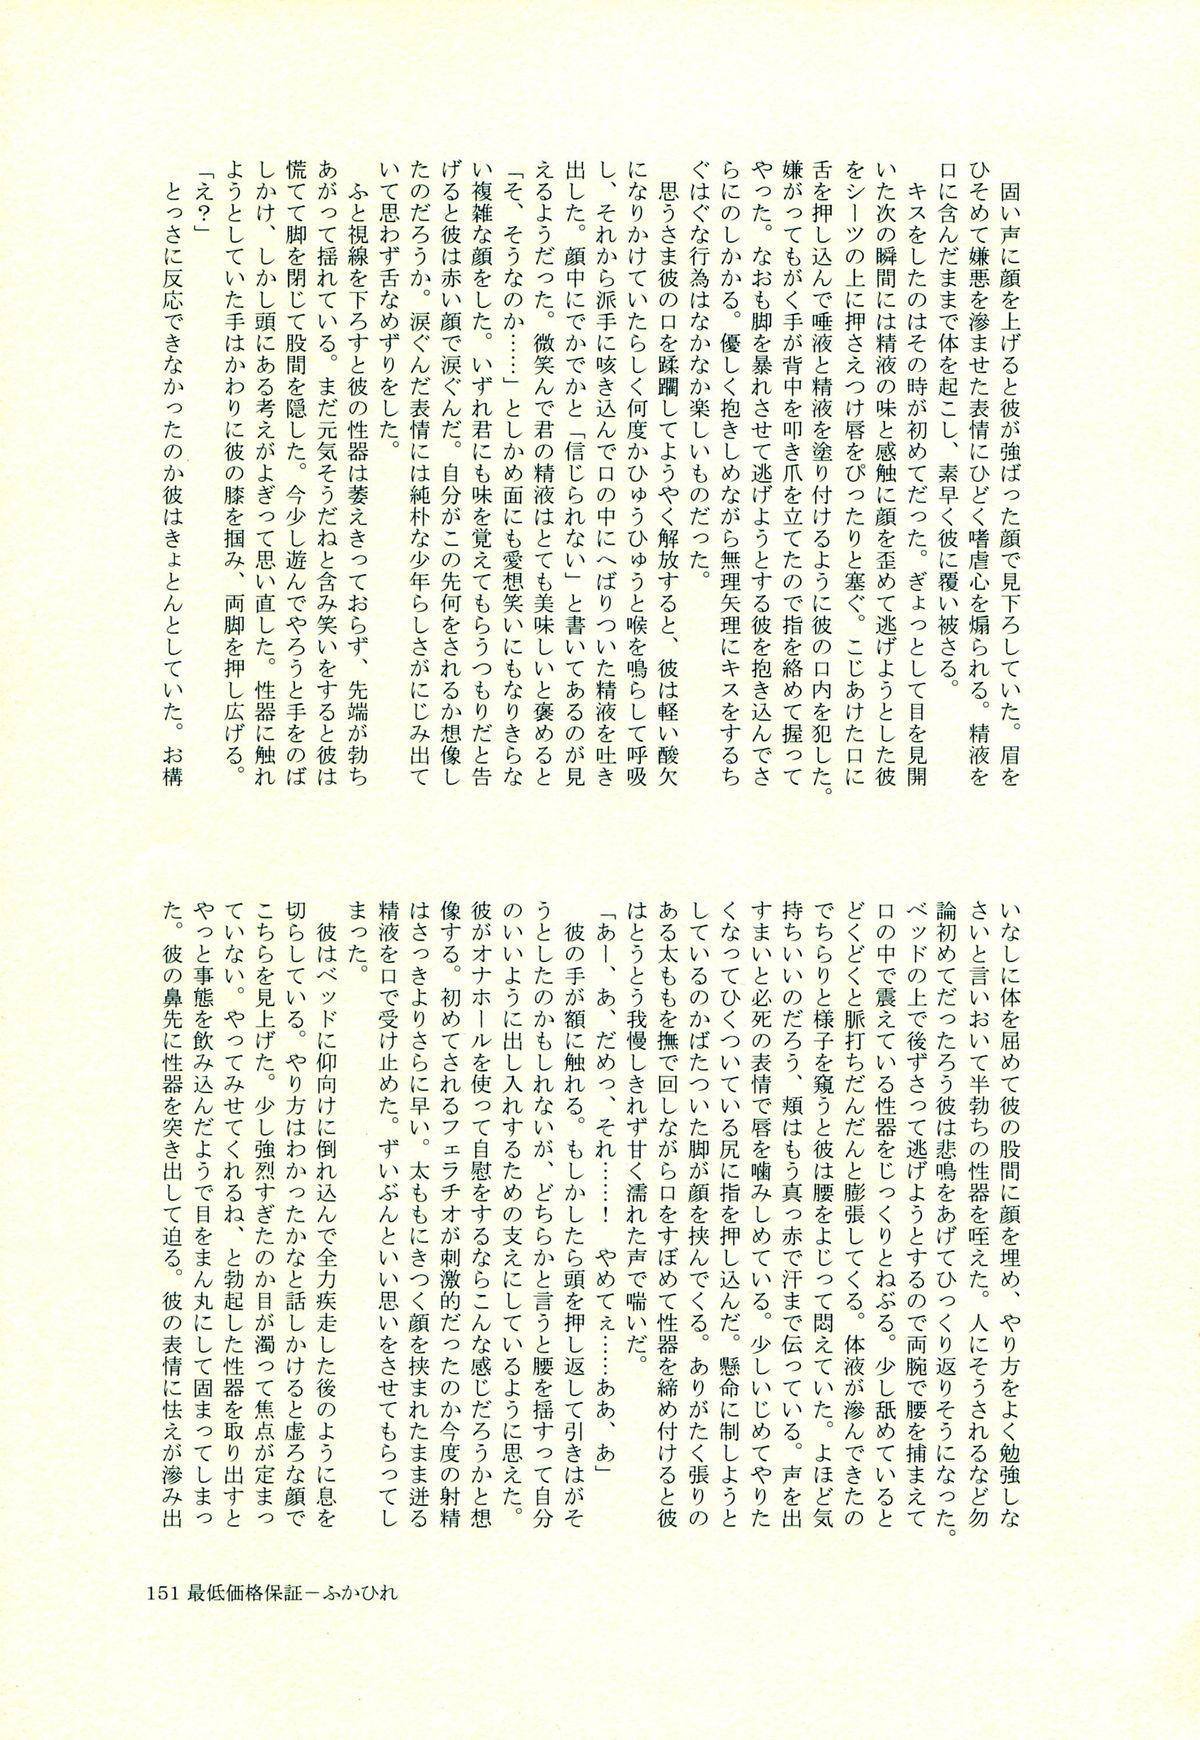 Hinata Hajime no Himitsu no Jikan 149